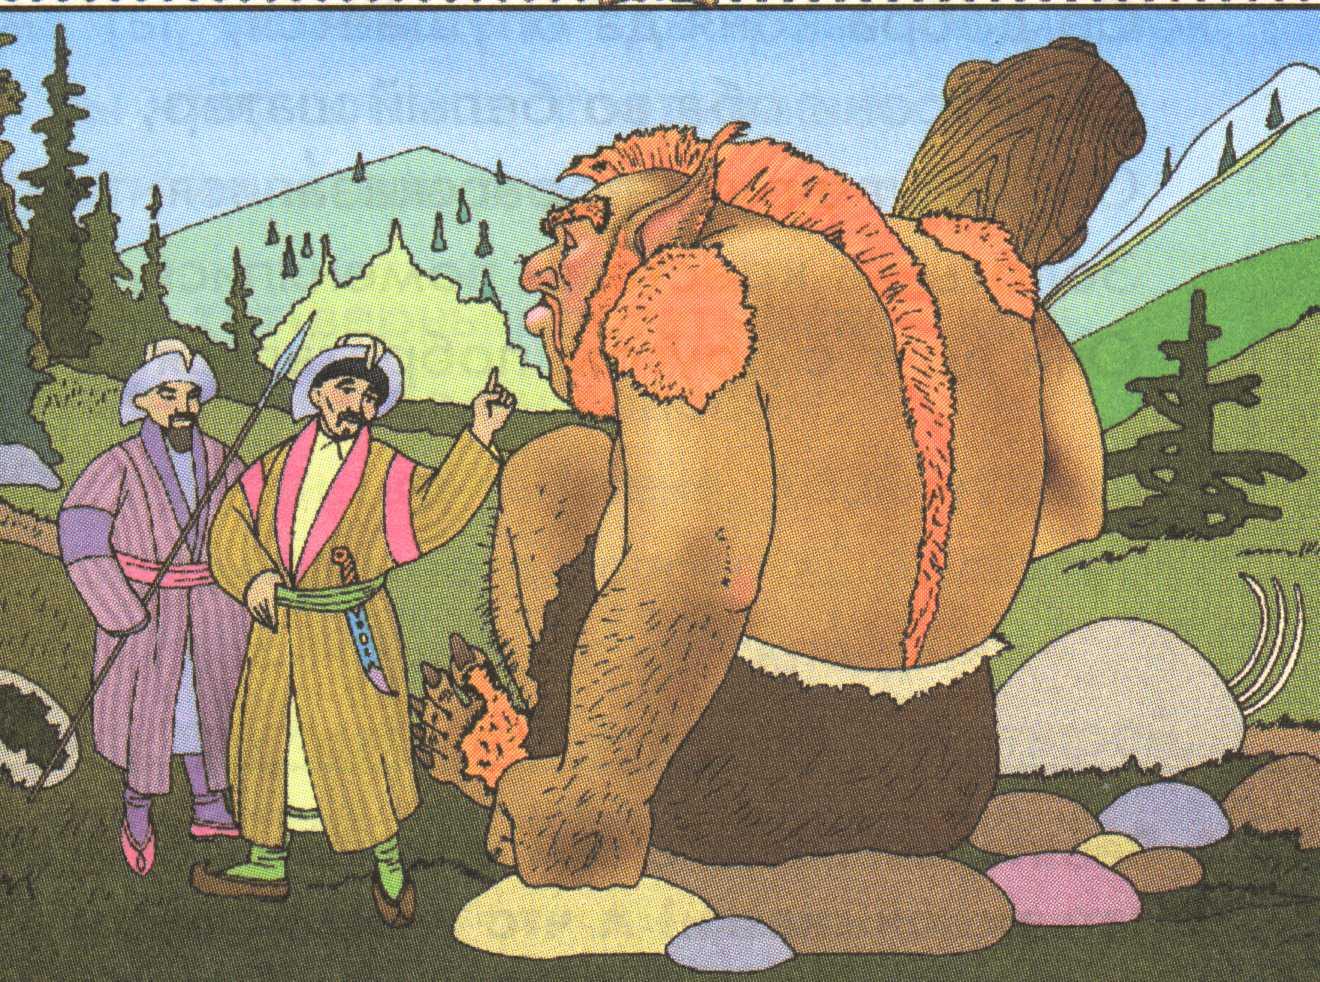 Детские Могучие Грузовичок лева и Играть в